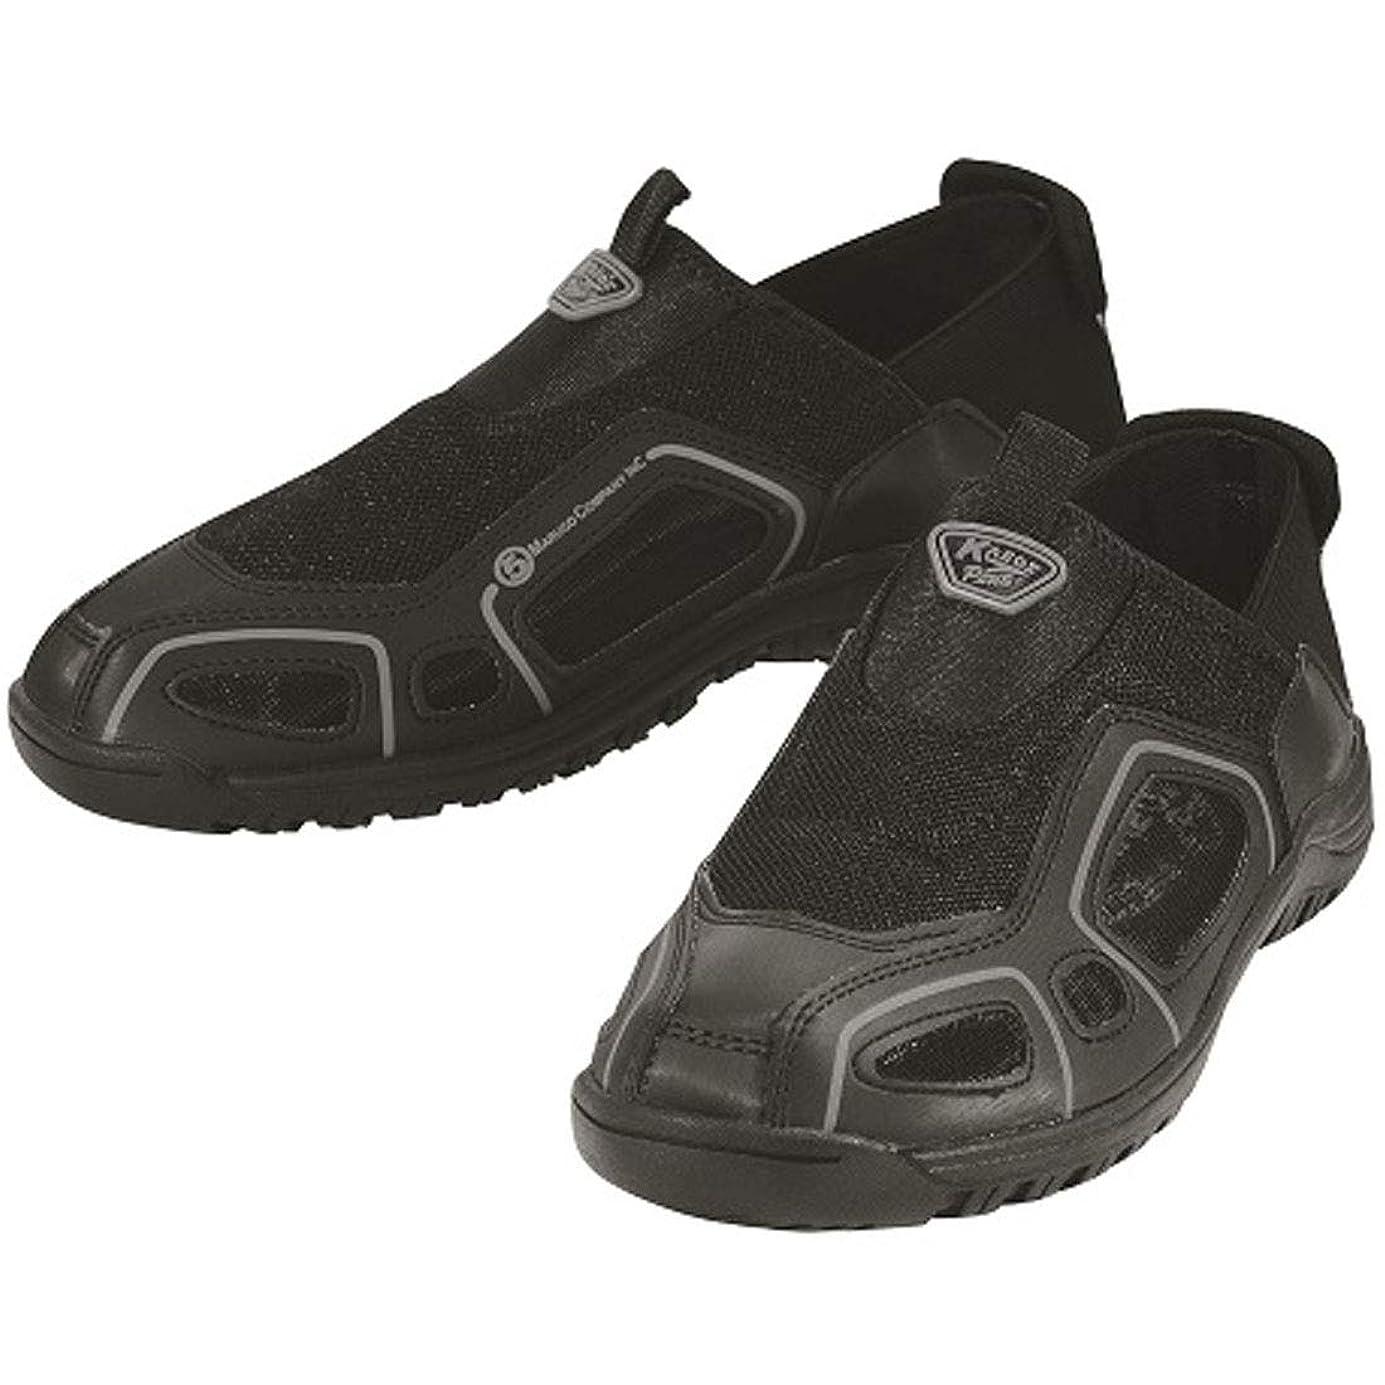 定数揃える優れた安全靴 スニーカー クレオスプラス 作業靴 マルゴ 安全シューズ カカトが踏める 先芯なし 黒 ブラック 男性 メンズ 女性 レディース 靴 シューズ